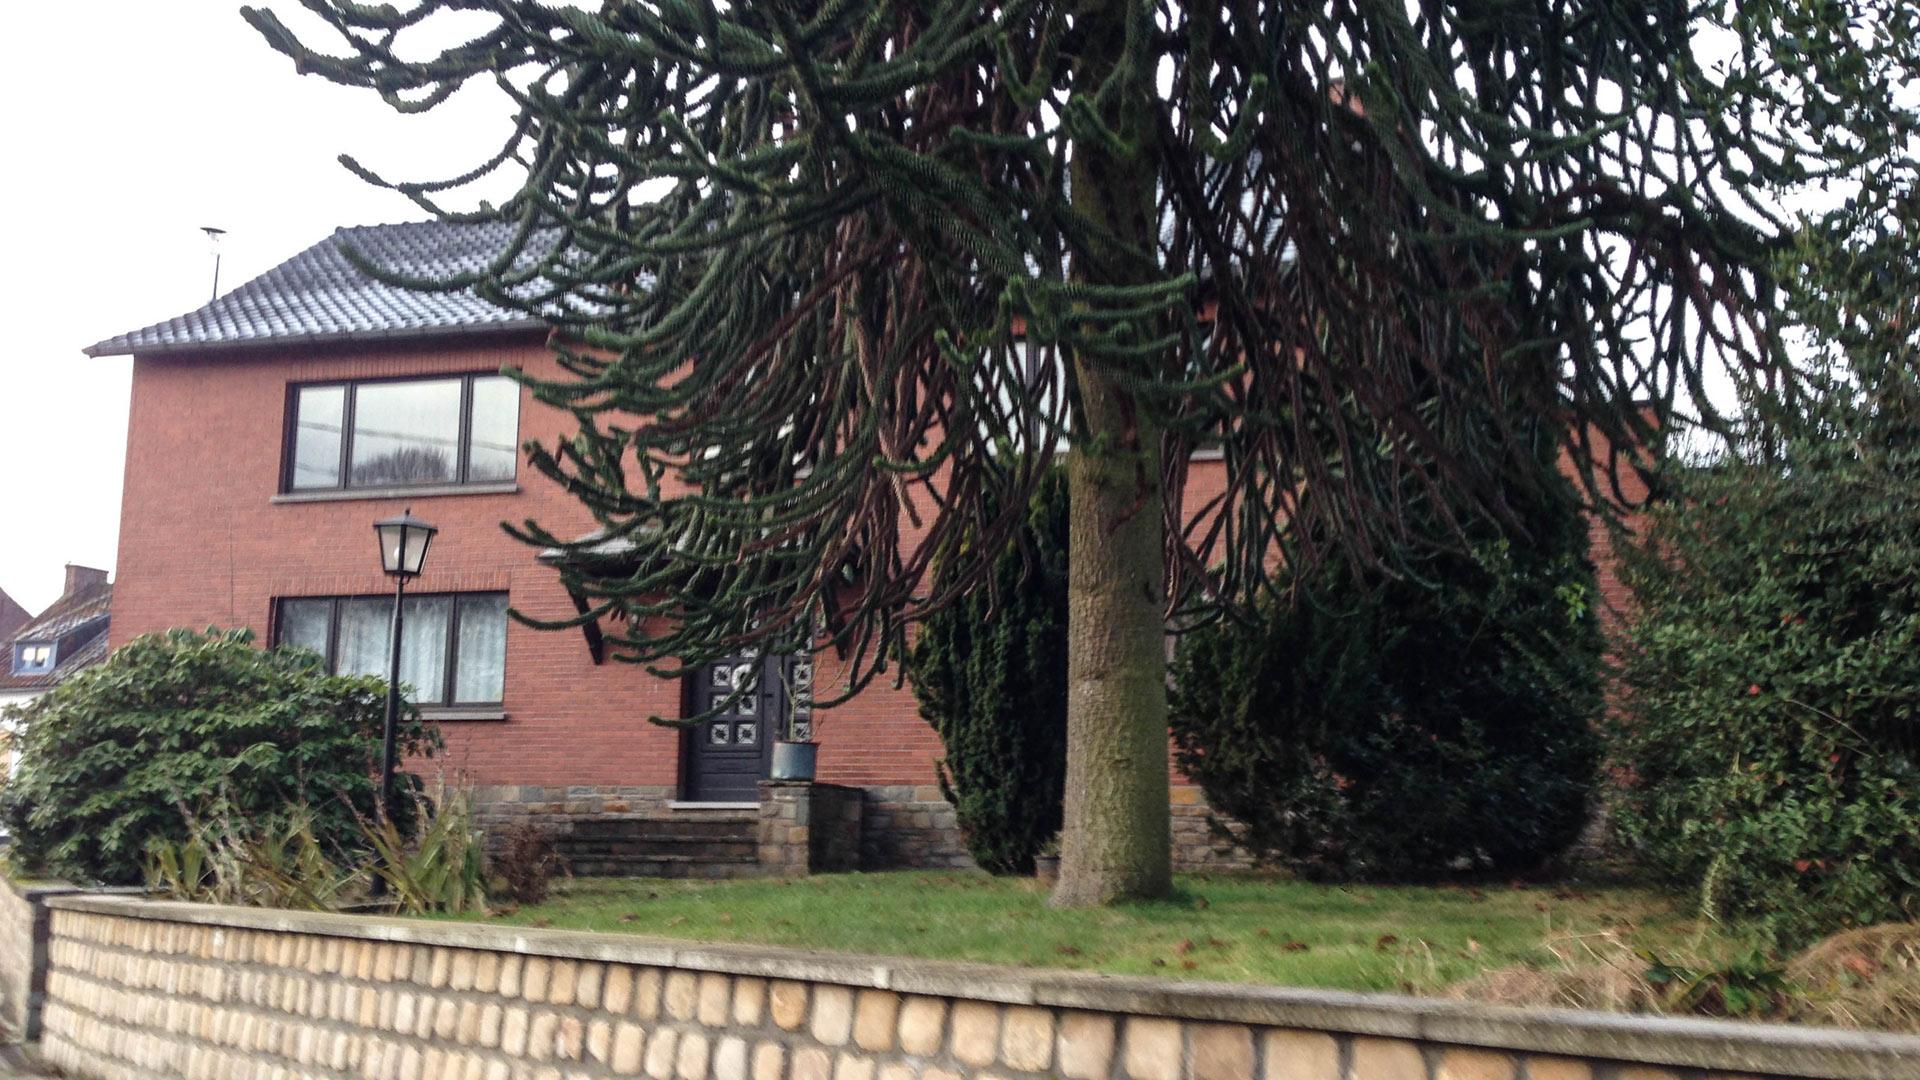 Geoffrey Carion extensions de maison et transformations et extensions Eghezee - boneffe